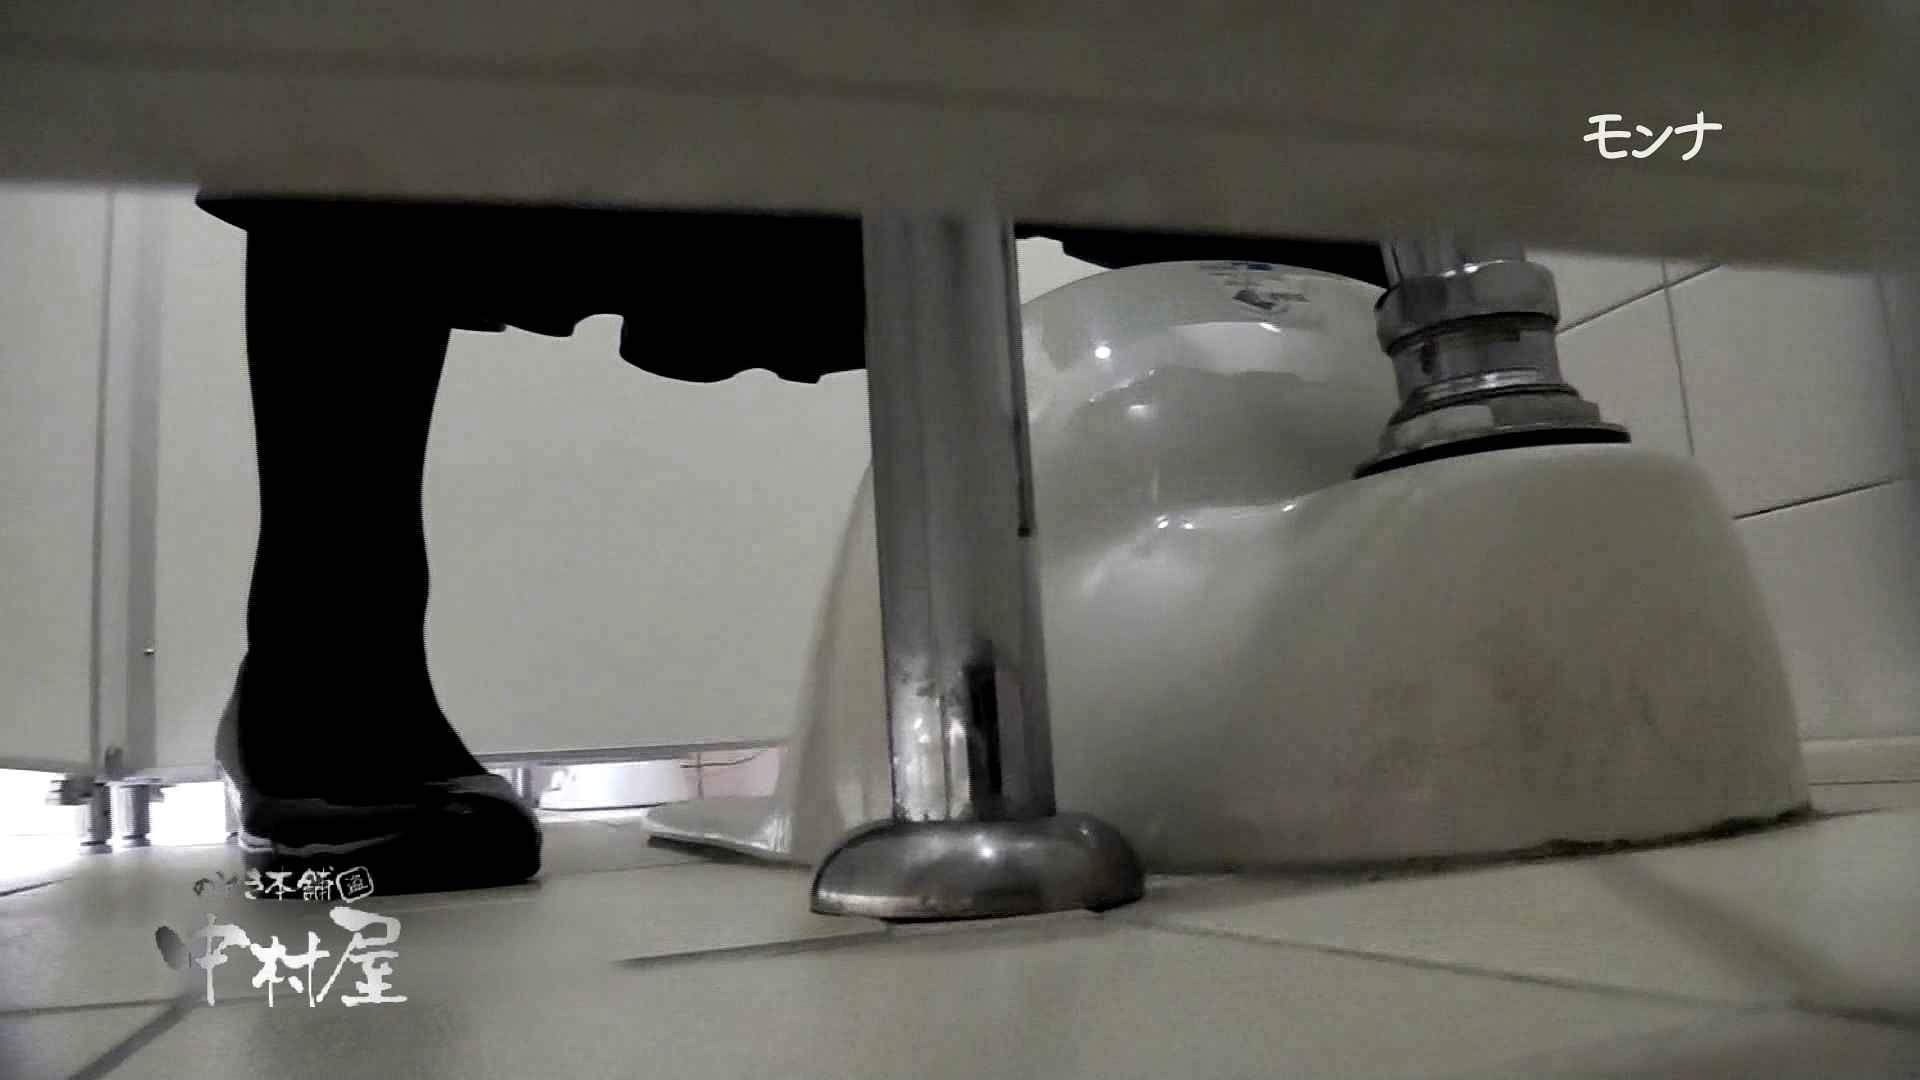 【美しい日本の未来】新学期!!下半身中心に攻めてます美女可愛い女子悪戯盗satuトイレ後編 トイレ われめAV動画紹介 100PIX 90